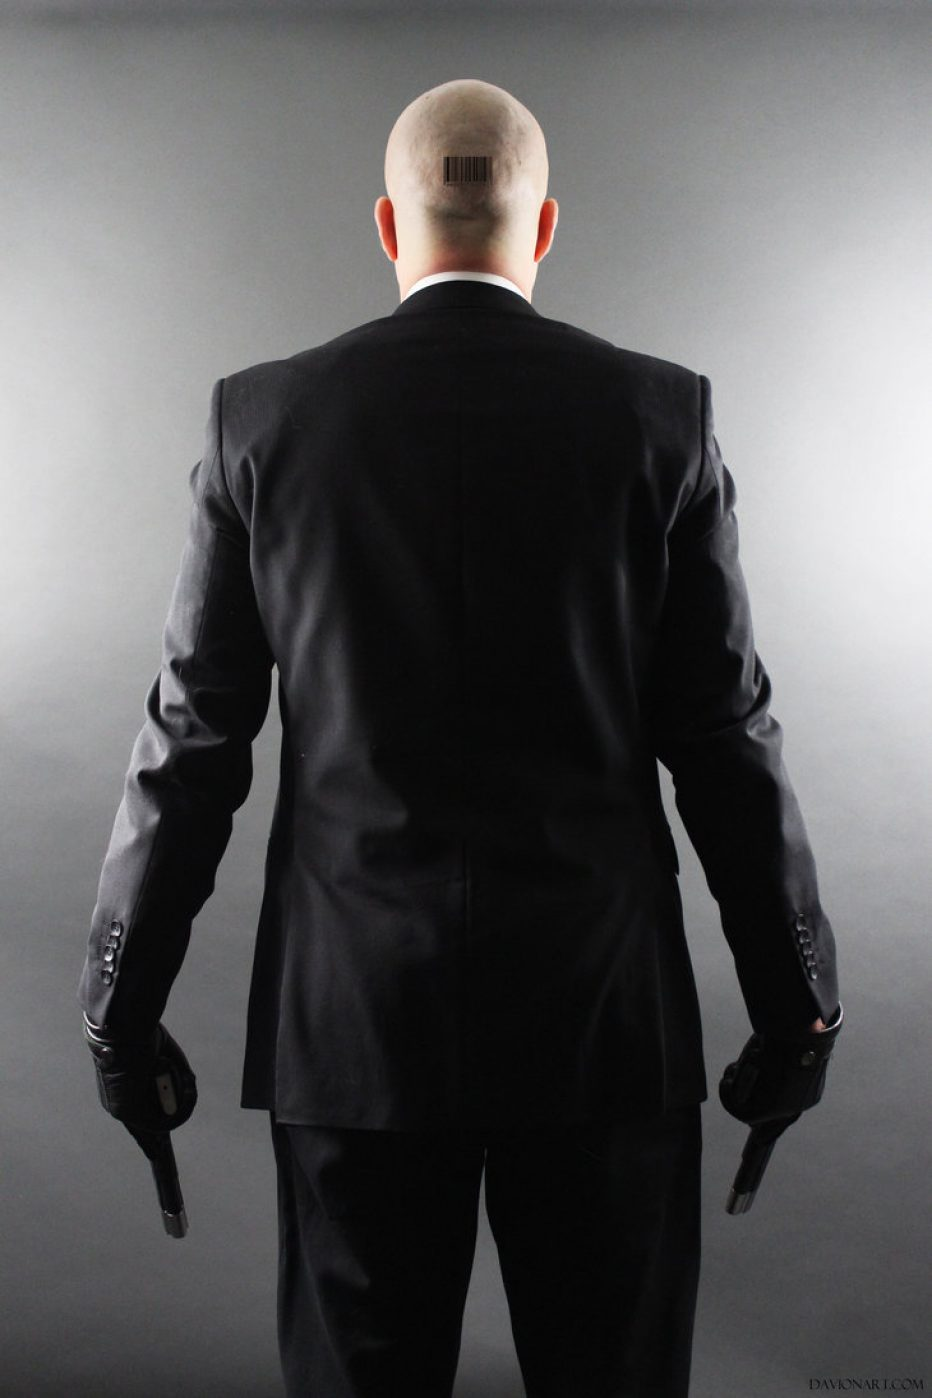 Hitman-Agent-47-CharlyHarte-Cosplay-Gamers-Heroes-3.jpg